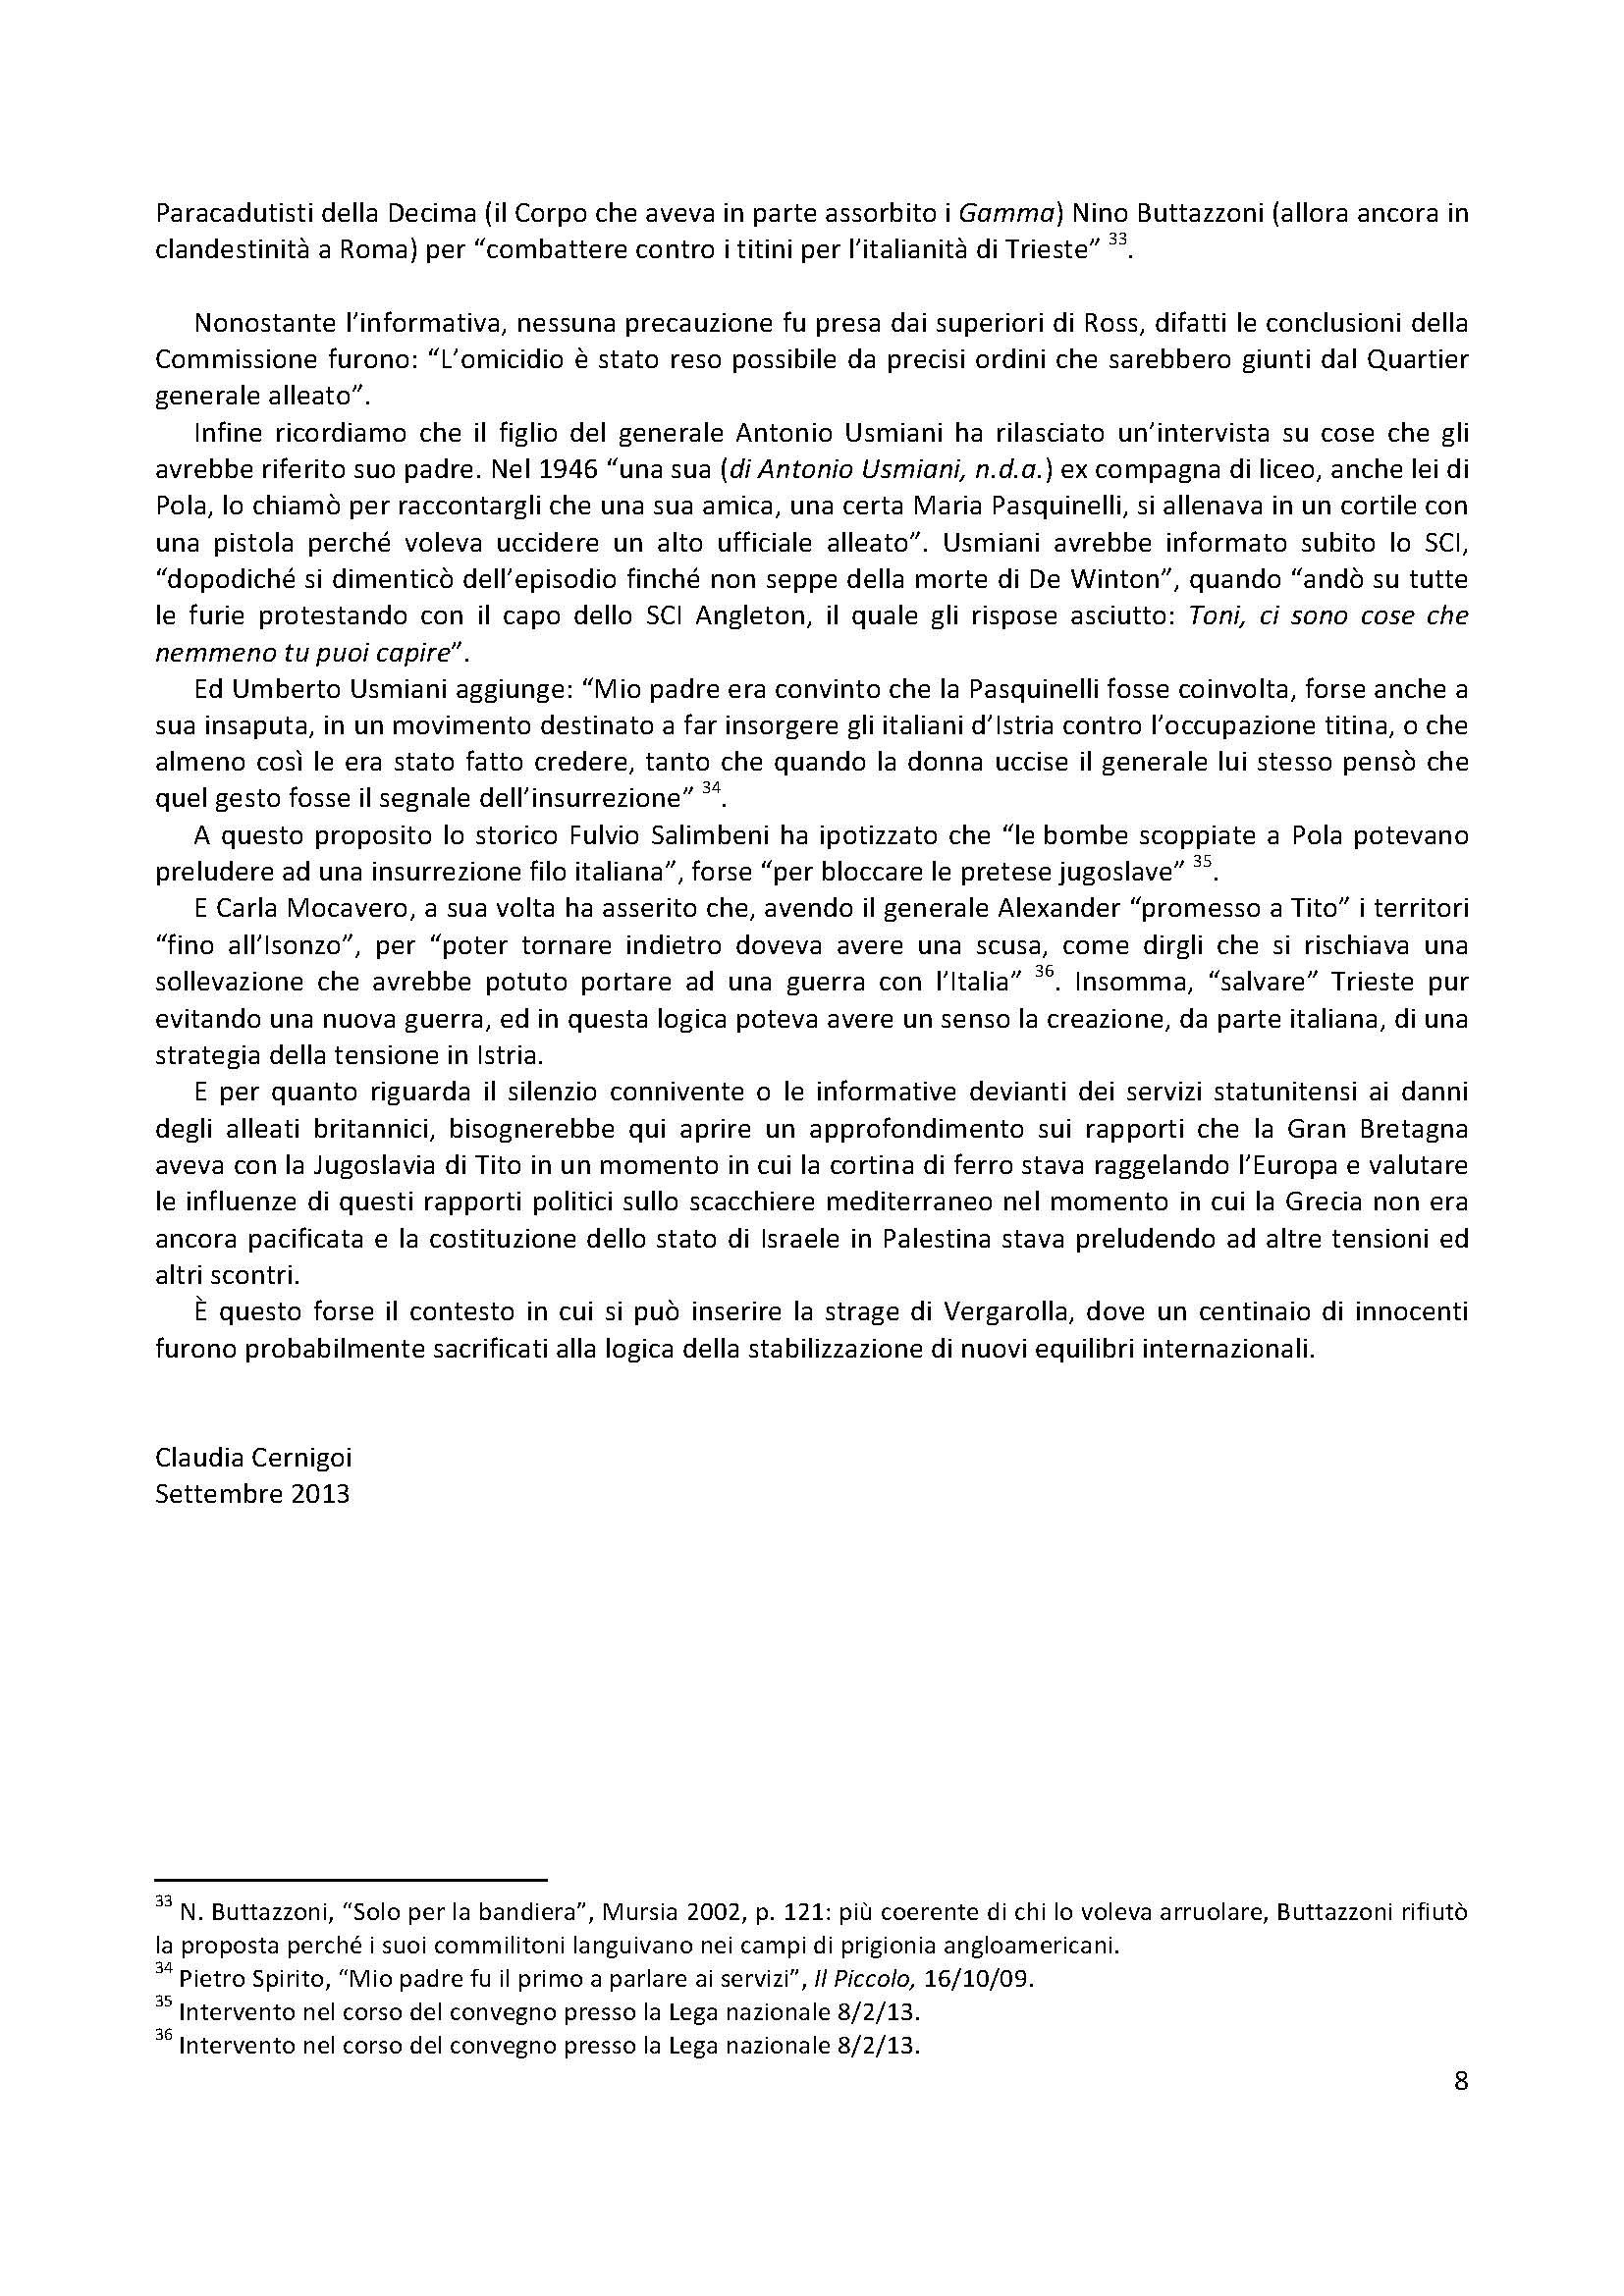 STRATEGIA-DELLA-TENSIONE-IN-ISTRIA (1)_Page_8